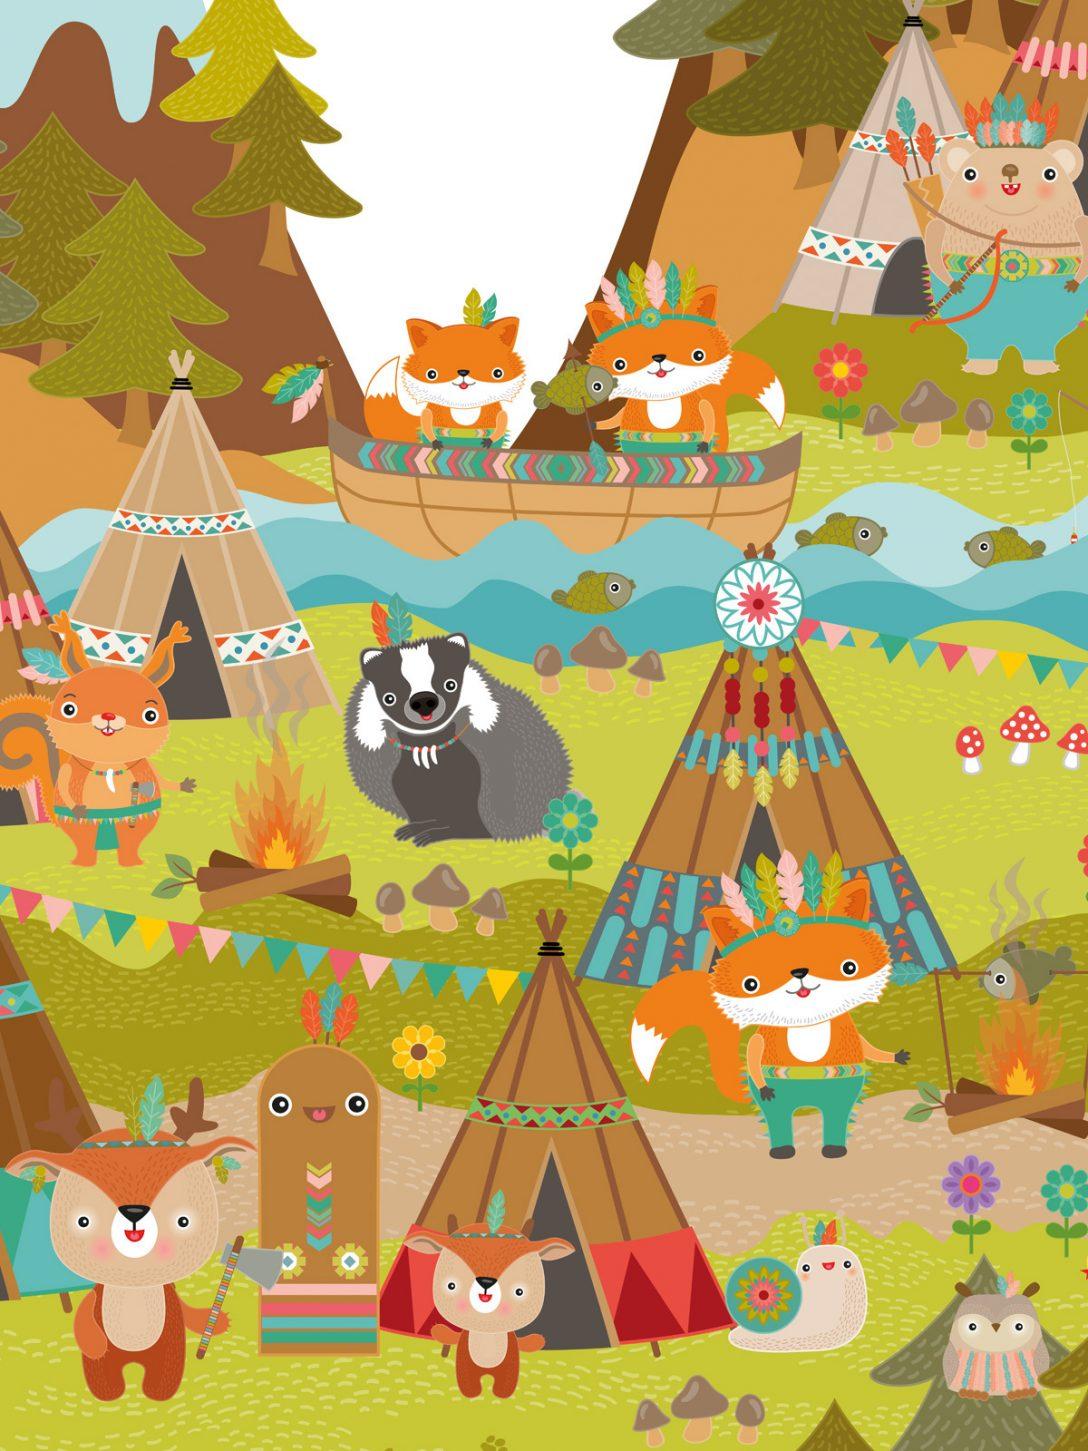 Large Size of Kinderzimmer Tapete Mutige Indianer In Tippis Miyo Mori Fototapete Küche Fenster Tapeten Für Regal Wohnzimmer Regale Modern Ideen Die Schlafzimmer Weiß Sofa Wohnzimmer Kinderzimmer Tapete